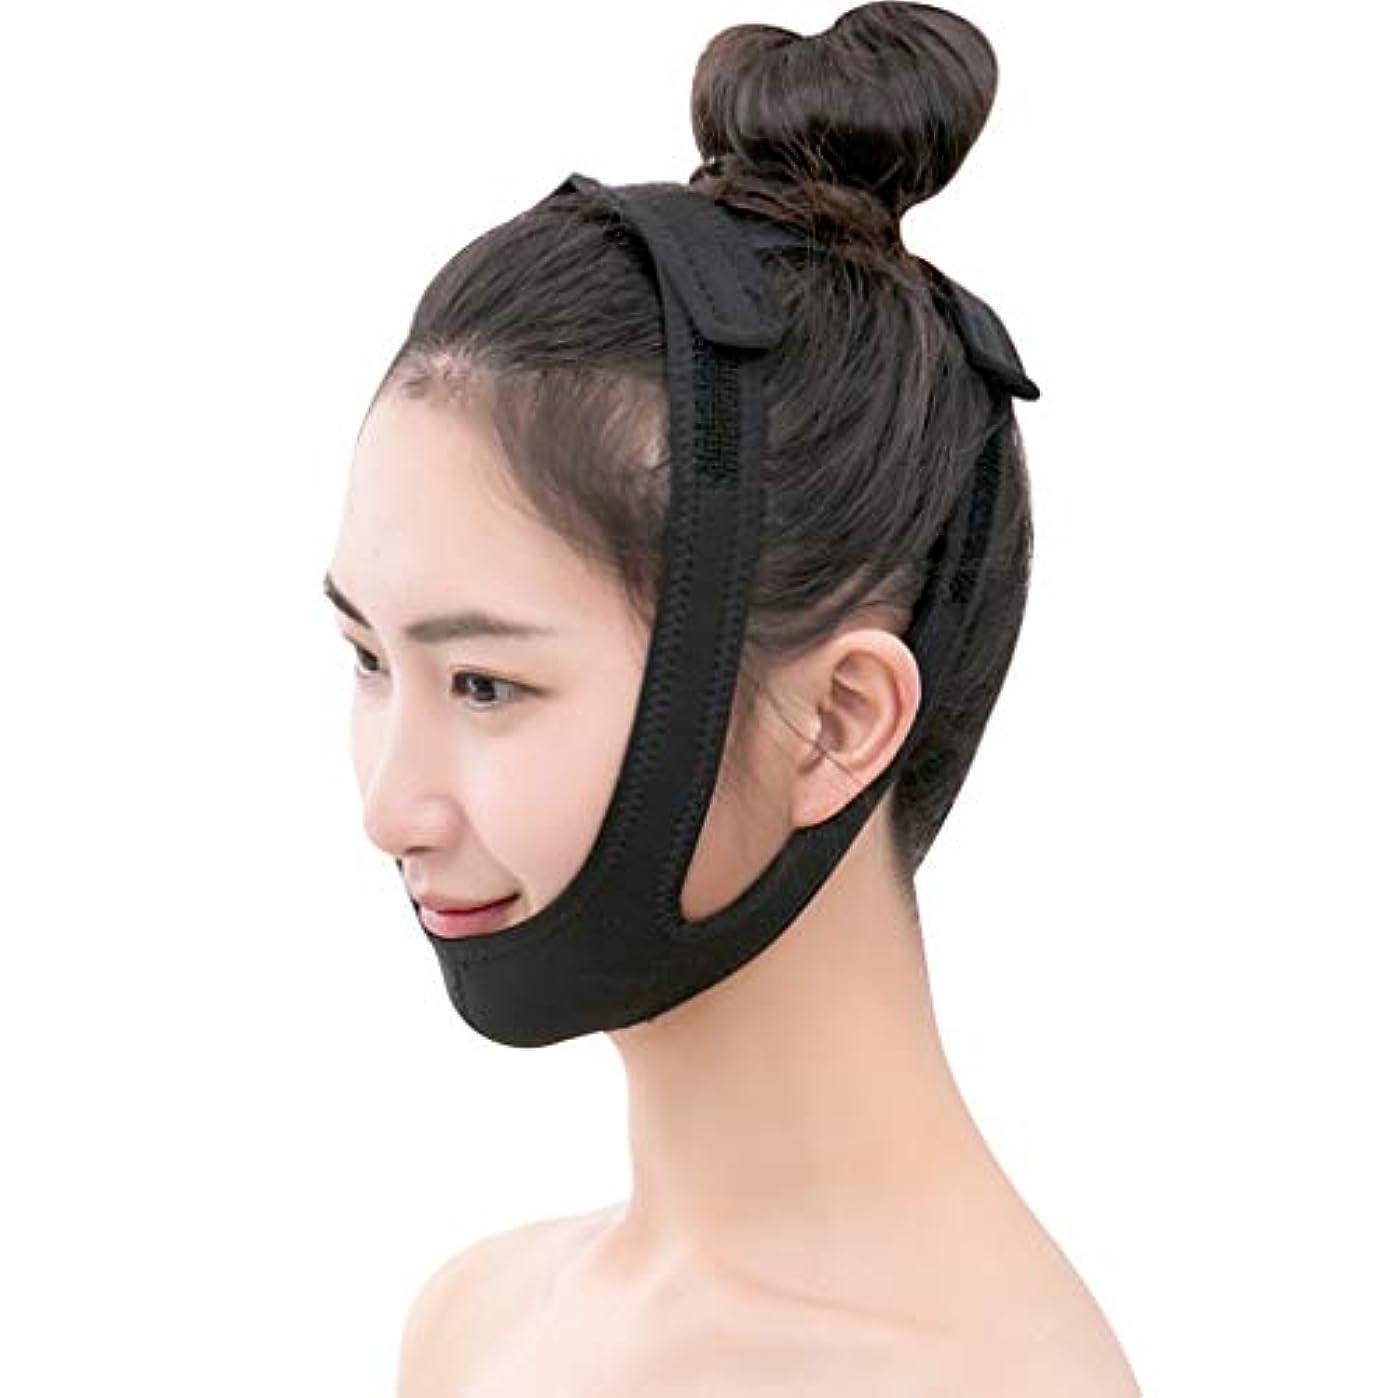 中世の成り立つクリック顔リフト手術回復ライン彫刻顔リフト顔のリフト v 顔睡眠マスク